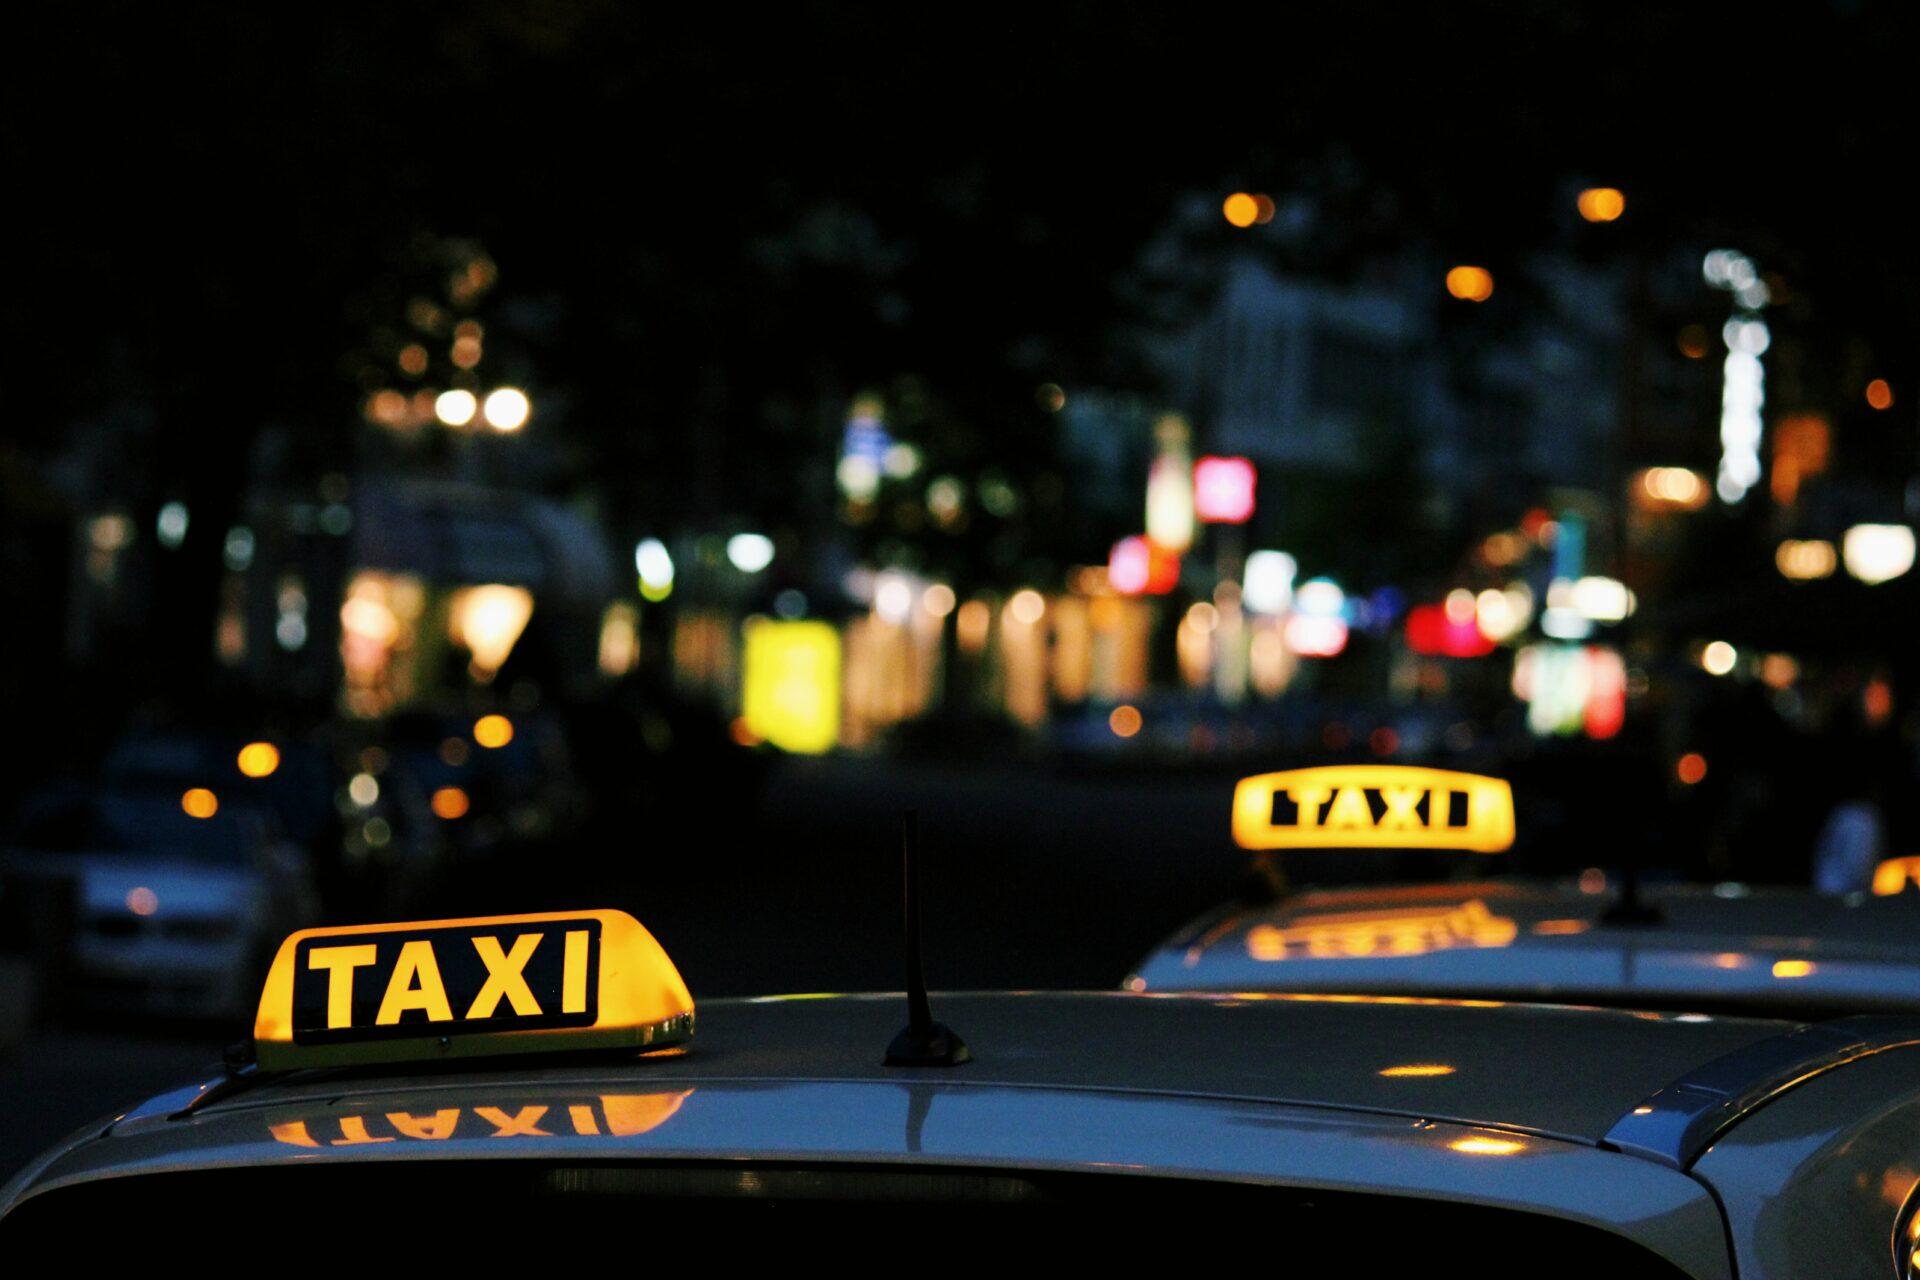 Taxi-Sybole